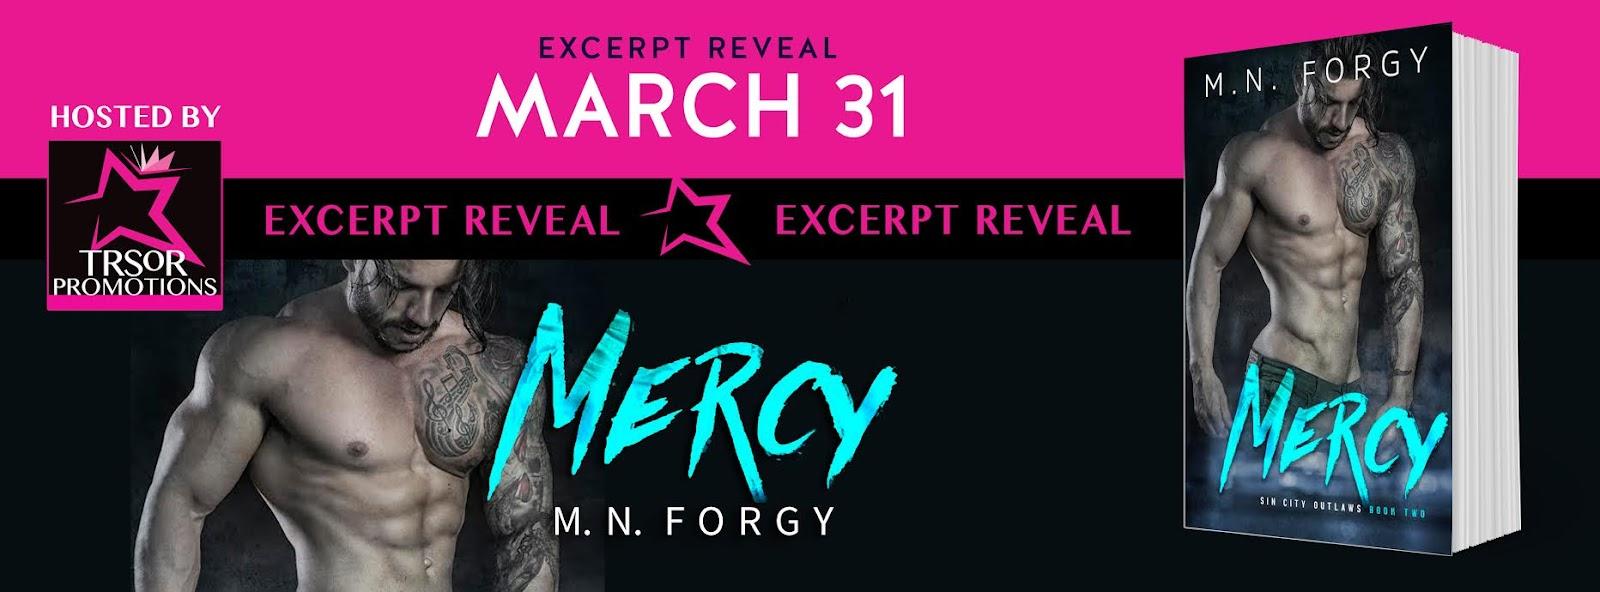 mercy excerpt reveal.jpg